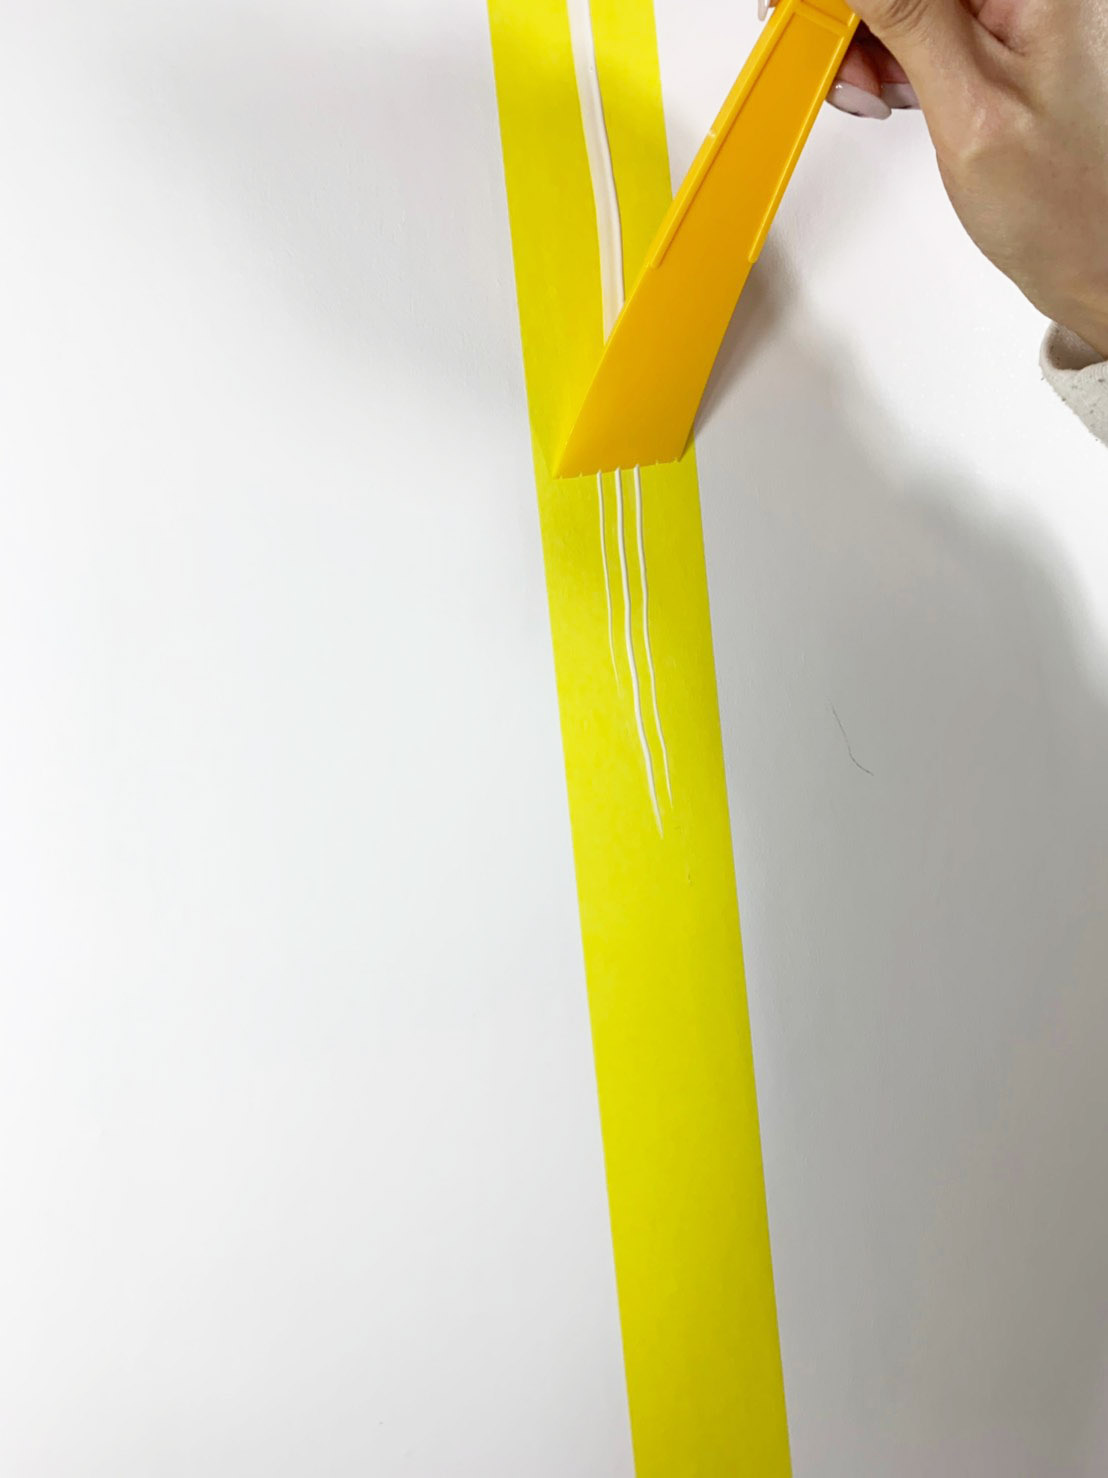 スプレダーでのりを伸ばします。しばらく時間を置いて透明になったらOKです!のイメージ1